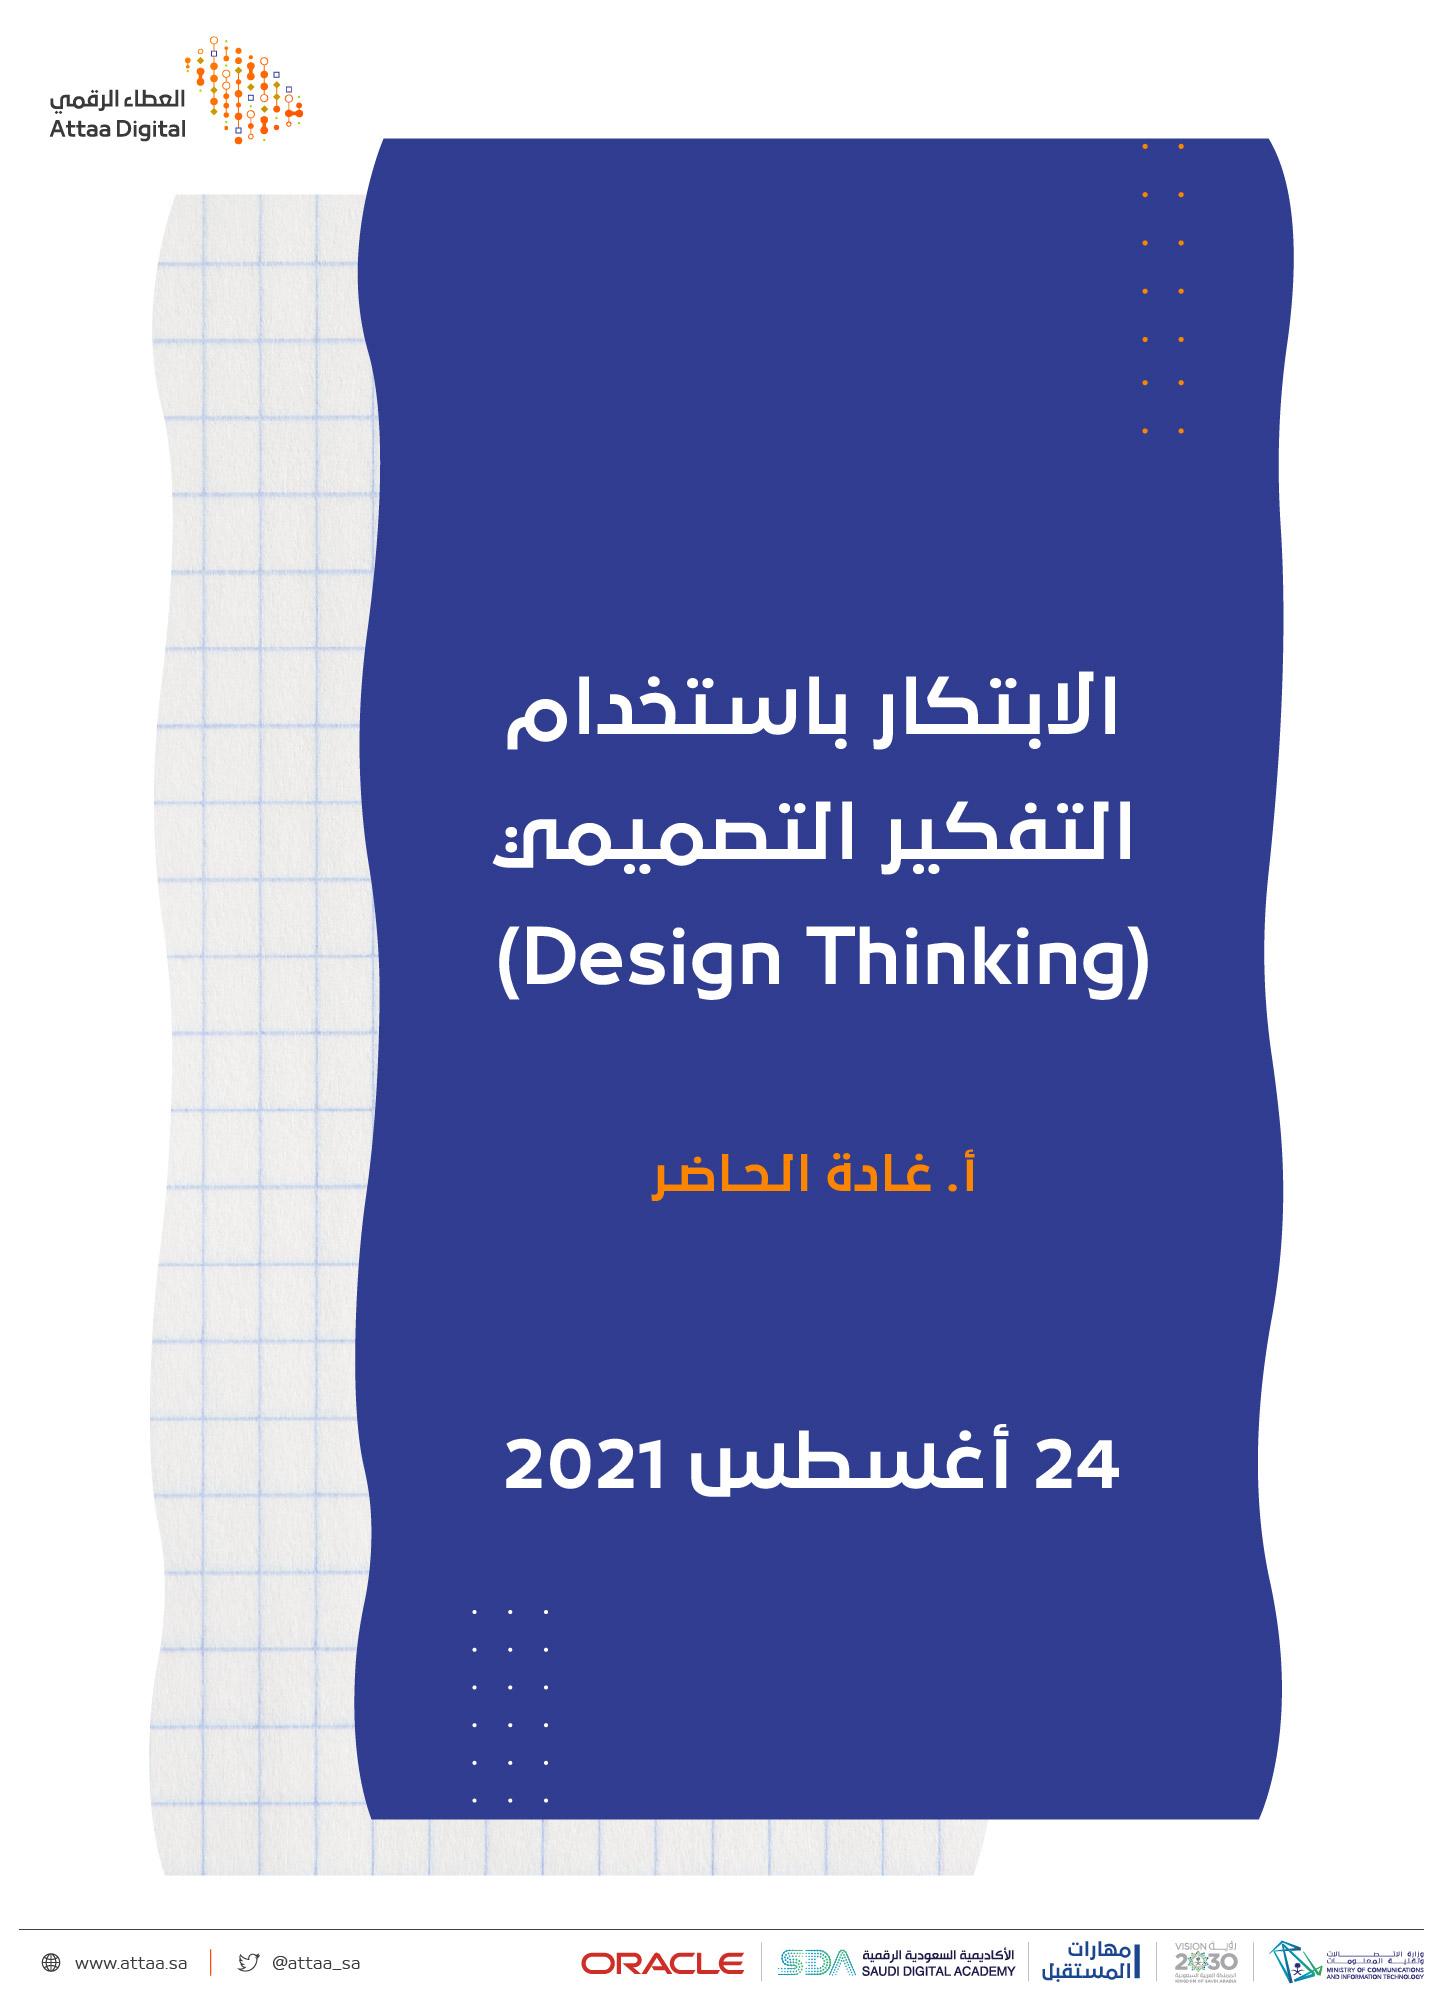 الابتكار باستخدام التفكير التصميمي Design Thinking